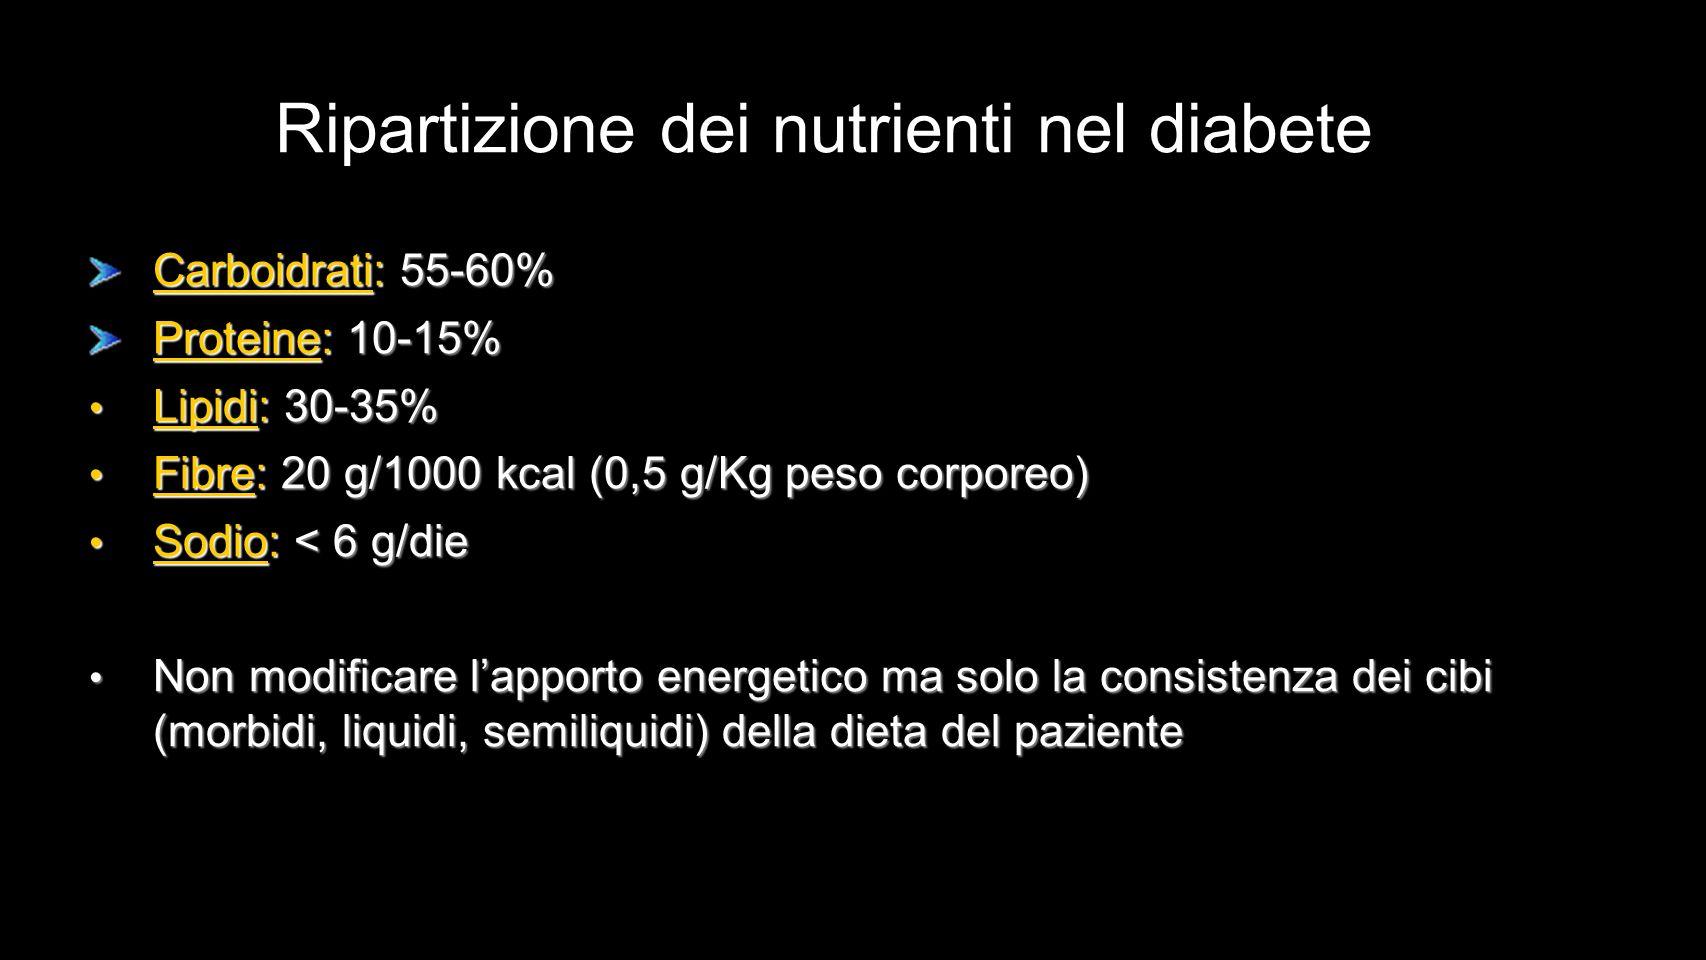 Carboidrati: 55-60% Proteine: 10-15% Lipidi: 30-35% Lipidi: 30-35% Fibre: 20 g/1000 kcal (0,5 g/Kg peso corporeo) Fibre: 20 g/1000 kcal (0,5 g/Kg peso corporeo) Sodio: < 6 g/die Sodio: < 6 g/die Non modificare lapporto energetico ma solo la consistenza dei cibi (morbidi, liquidi, semiliquidi) della dieta del paziente Non modificare lapporto energetico ma solo la consistenza dei cibi (morbidi, liquidi, semiliquidi) della dieta del paziente Ripartizione dei nutrienti nel diabete